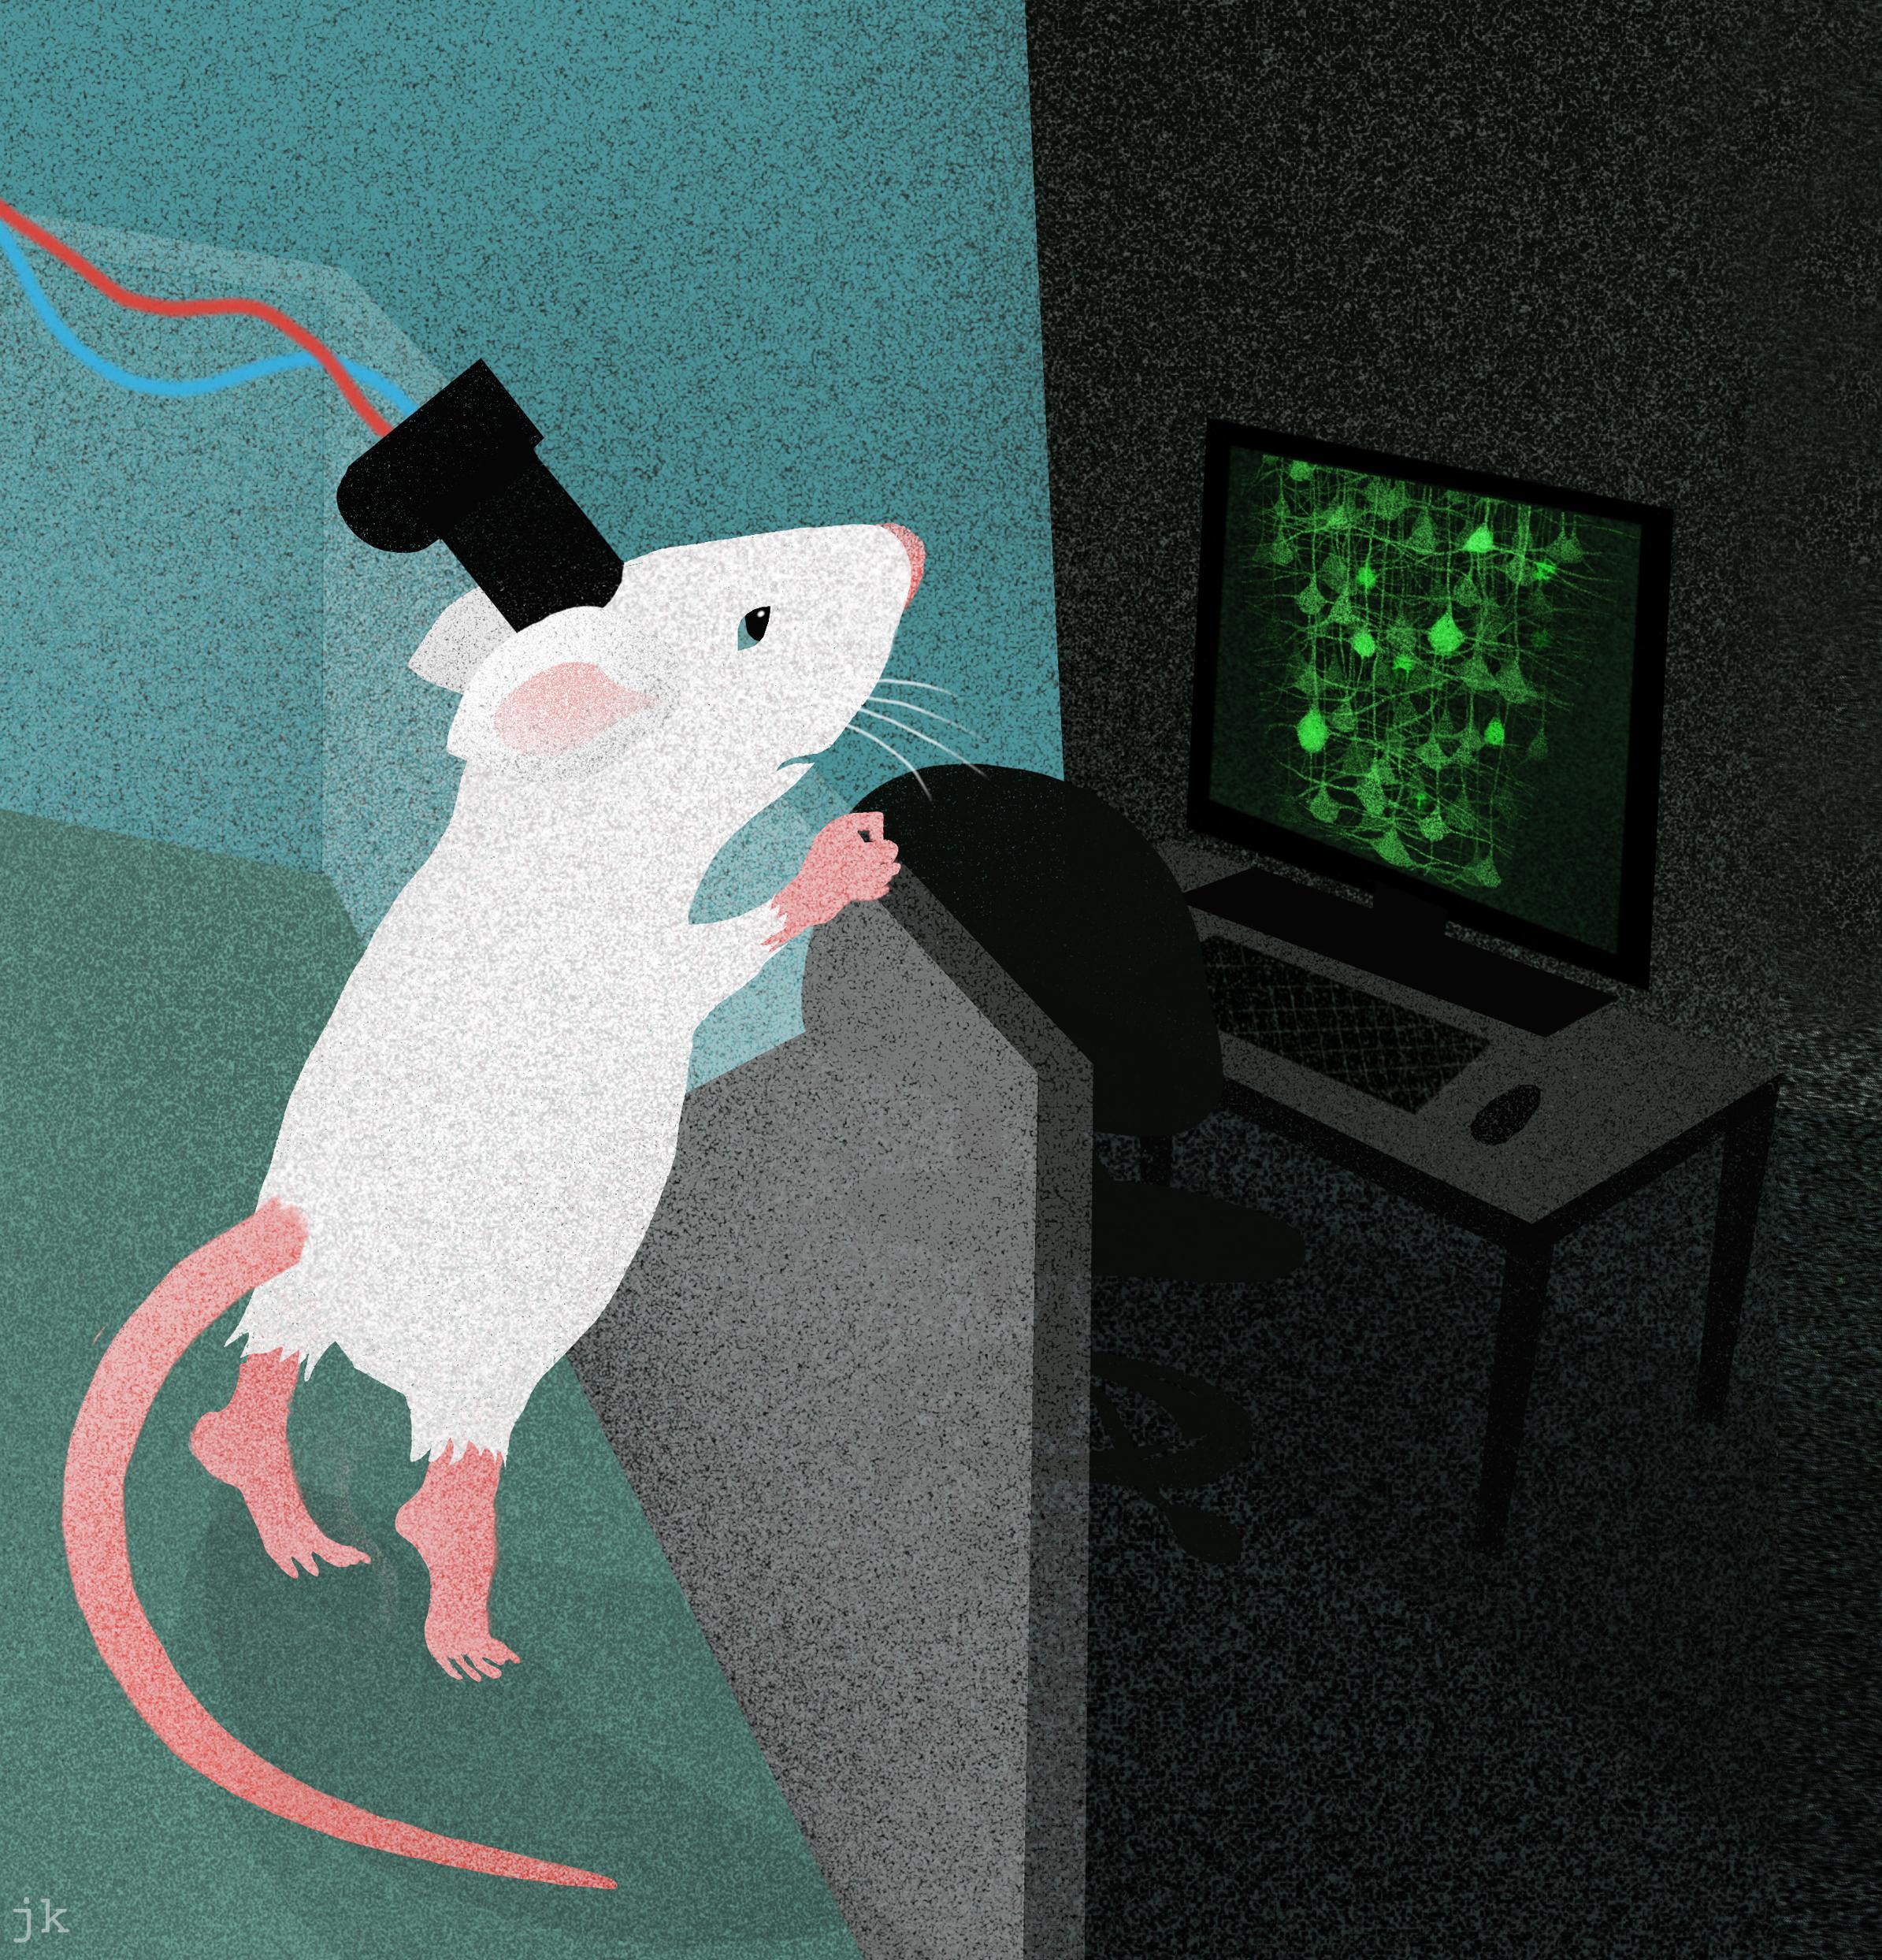 Как увидеть работу мозга во время движения во всей полноте